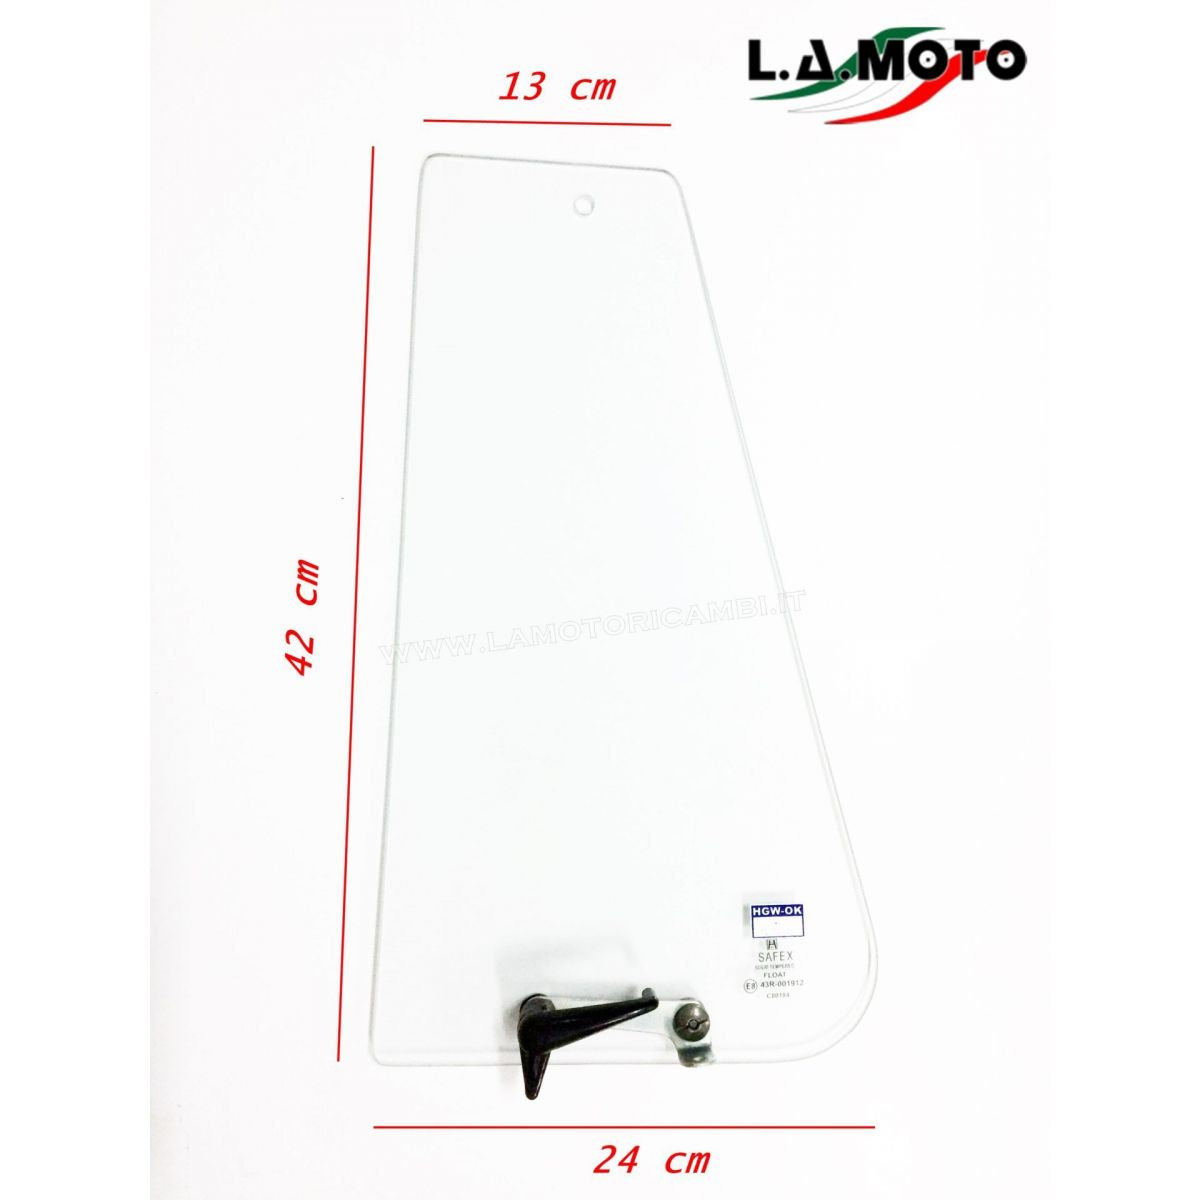 DEFLETTORE SINISTRO COMPLETO PER PIAGGIO APE MP 501 601